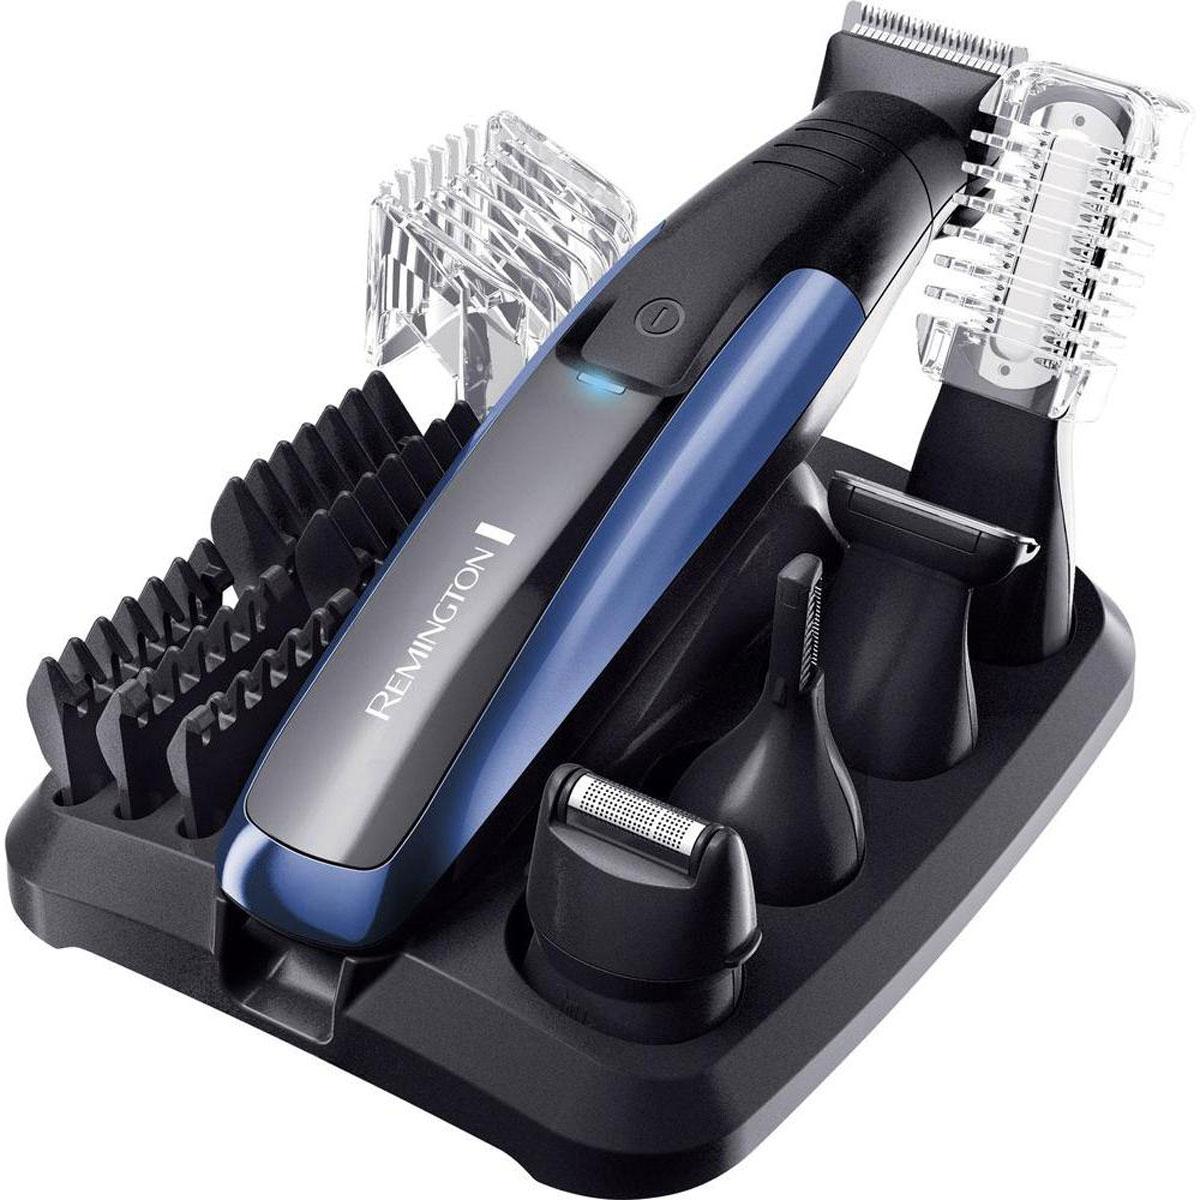 Remington PG6160 триммерPG6160Набор для ухода за волосами Remington PG6160 содержит все необходимые технологии и инновационные устройства, которые необходимы для полного создания образа и ухода за волосами для любого современного мужчины. Набор содержит пять насадок-головок - остается только выбрать, что вам нужно сегодня. Основной триммер с пятью насадки для разной длины (1.5, 3, 6, 9 и 12 мм), двусторонний вертикальный триммер для носа и ушей, сетчатая мини-бритва, детальный триммер и двусторонний триммер для тела. В дополнение ко всему, все насадки удобно хранить на компактной подставке. Ваш прибор всегда готов к использованию! Лучше, чем когда-либо - набор Remington PG6160 теперь обладает большими возможностями и гарантирует максимальную точность и качество стрижки. Полная зарядка за 4 часа Быстрая зарядка за 5 минут Полностью водостойкий